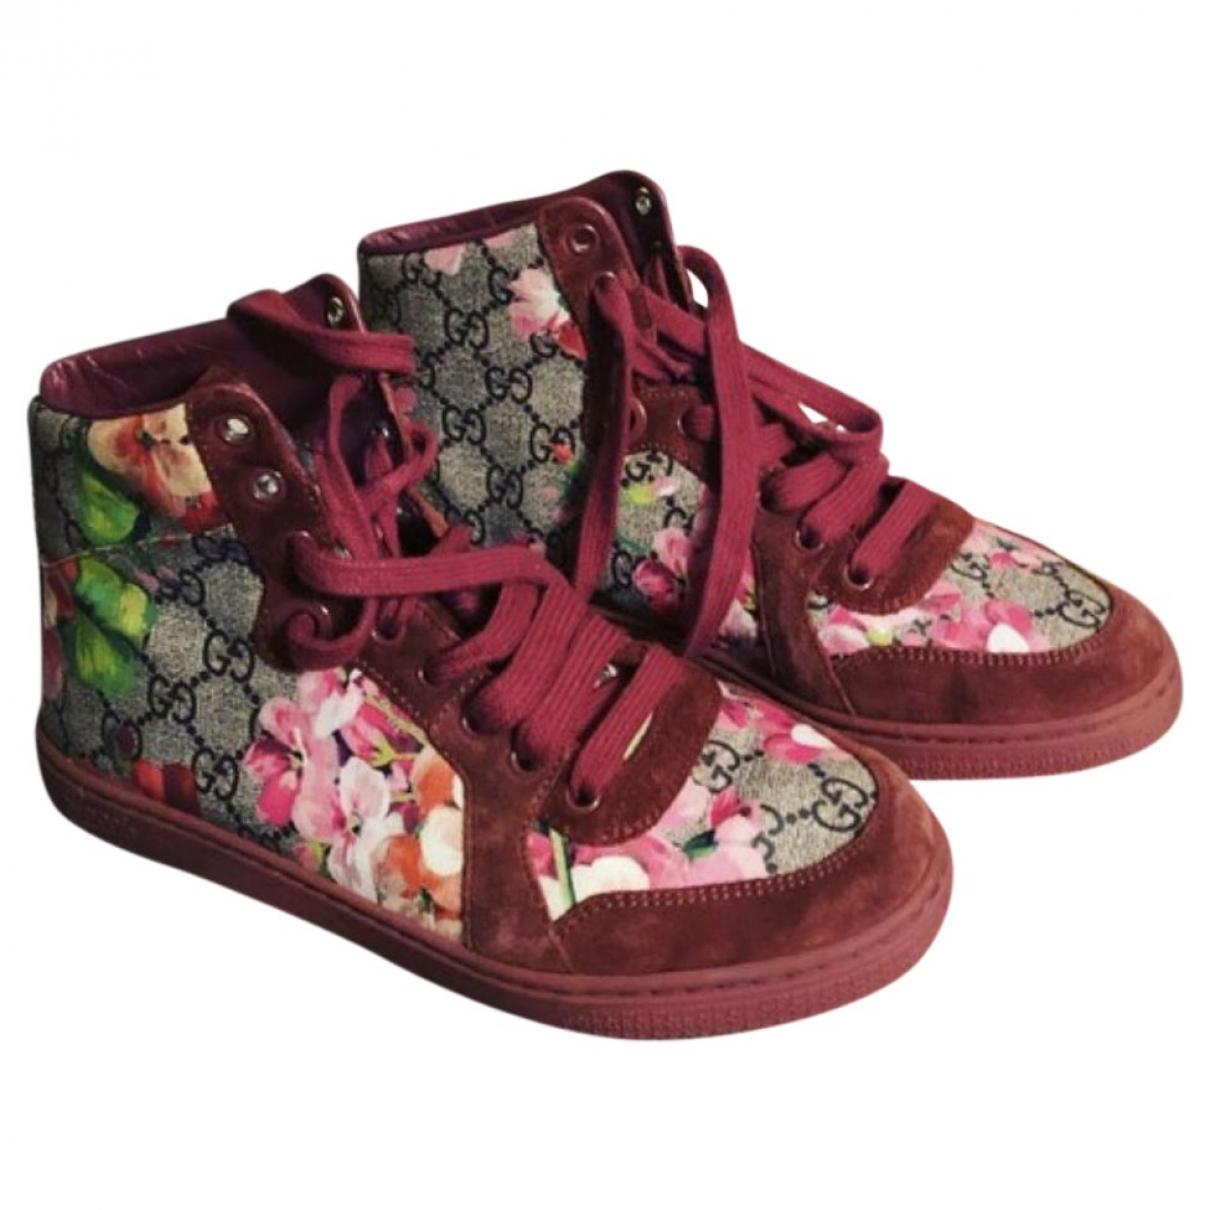 Gucci - Baskets Gucci Dapper Dan pour femme en toile - rose